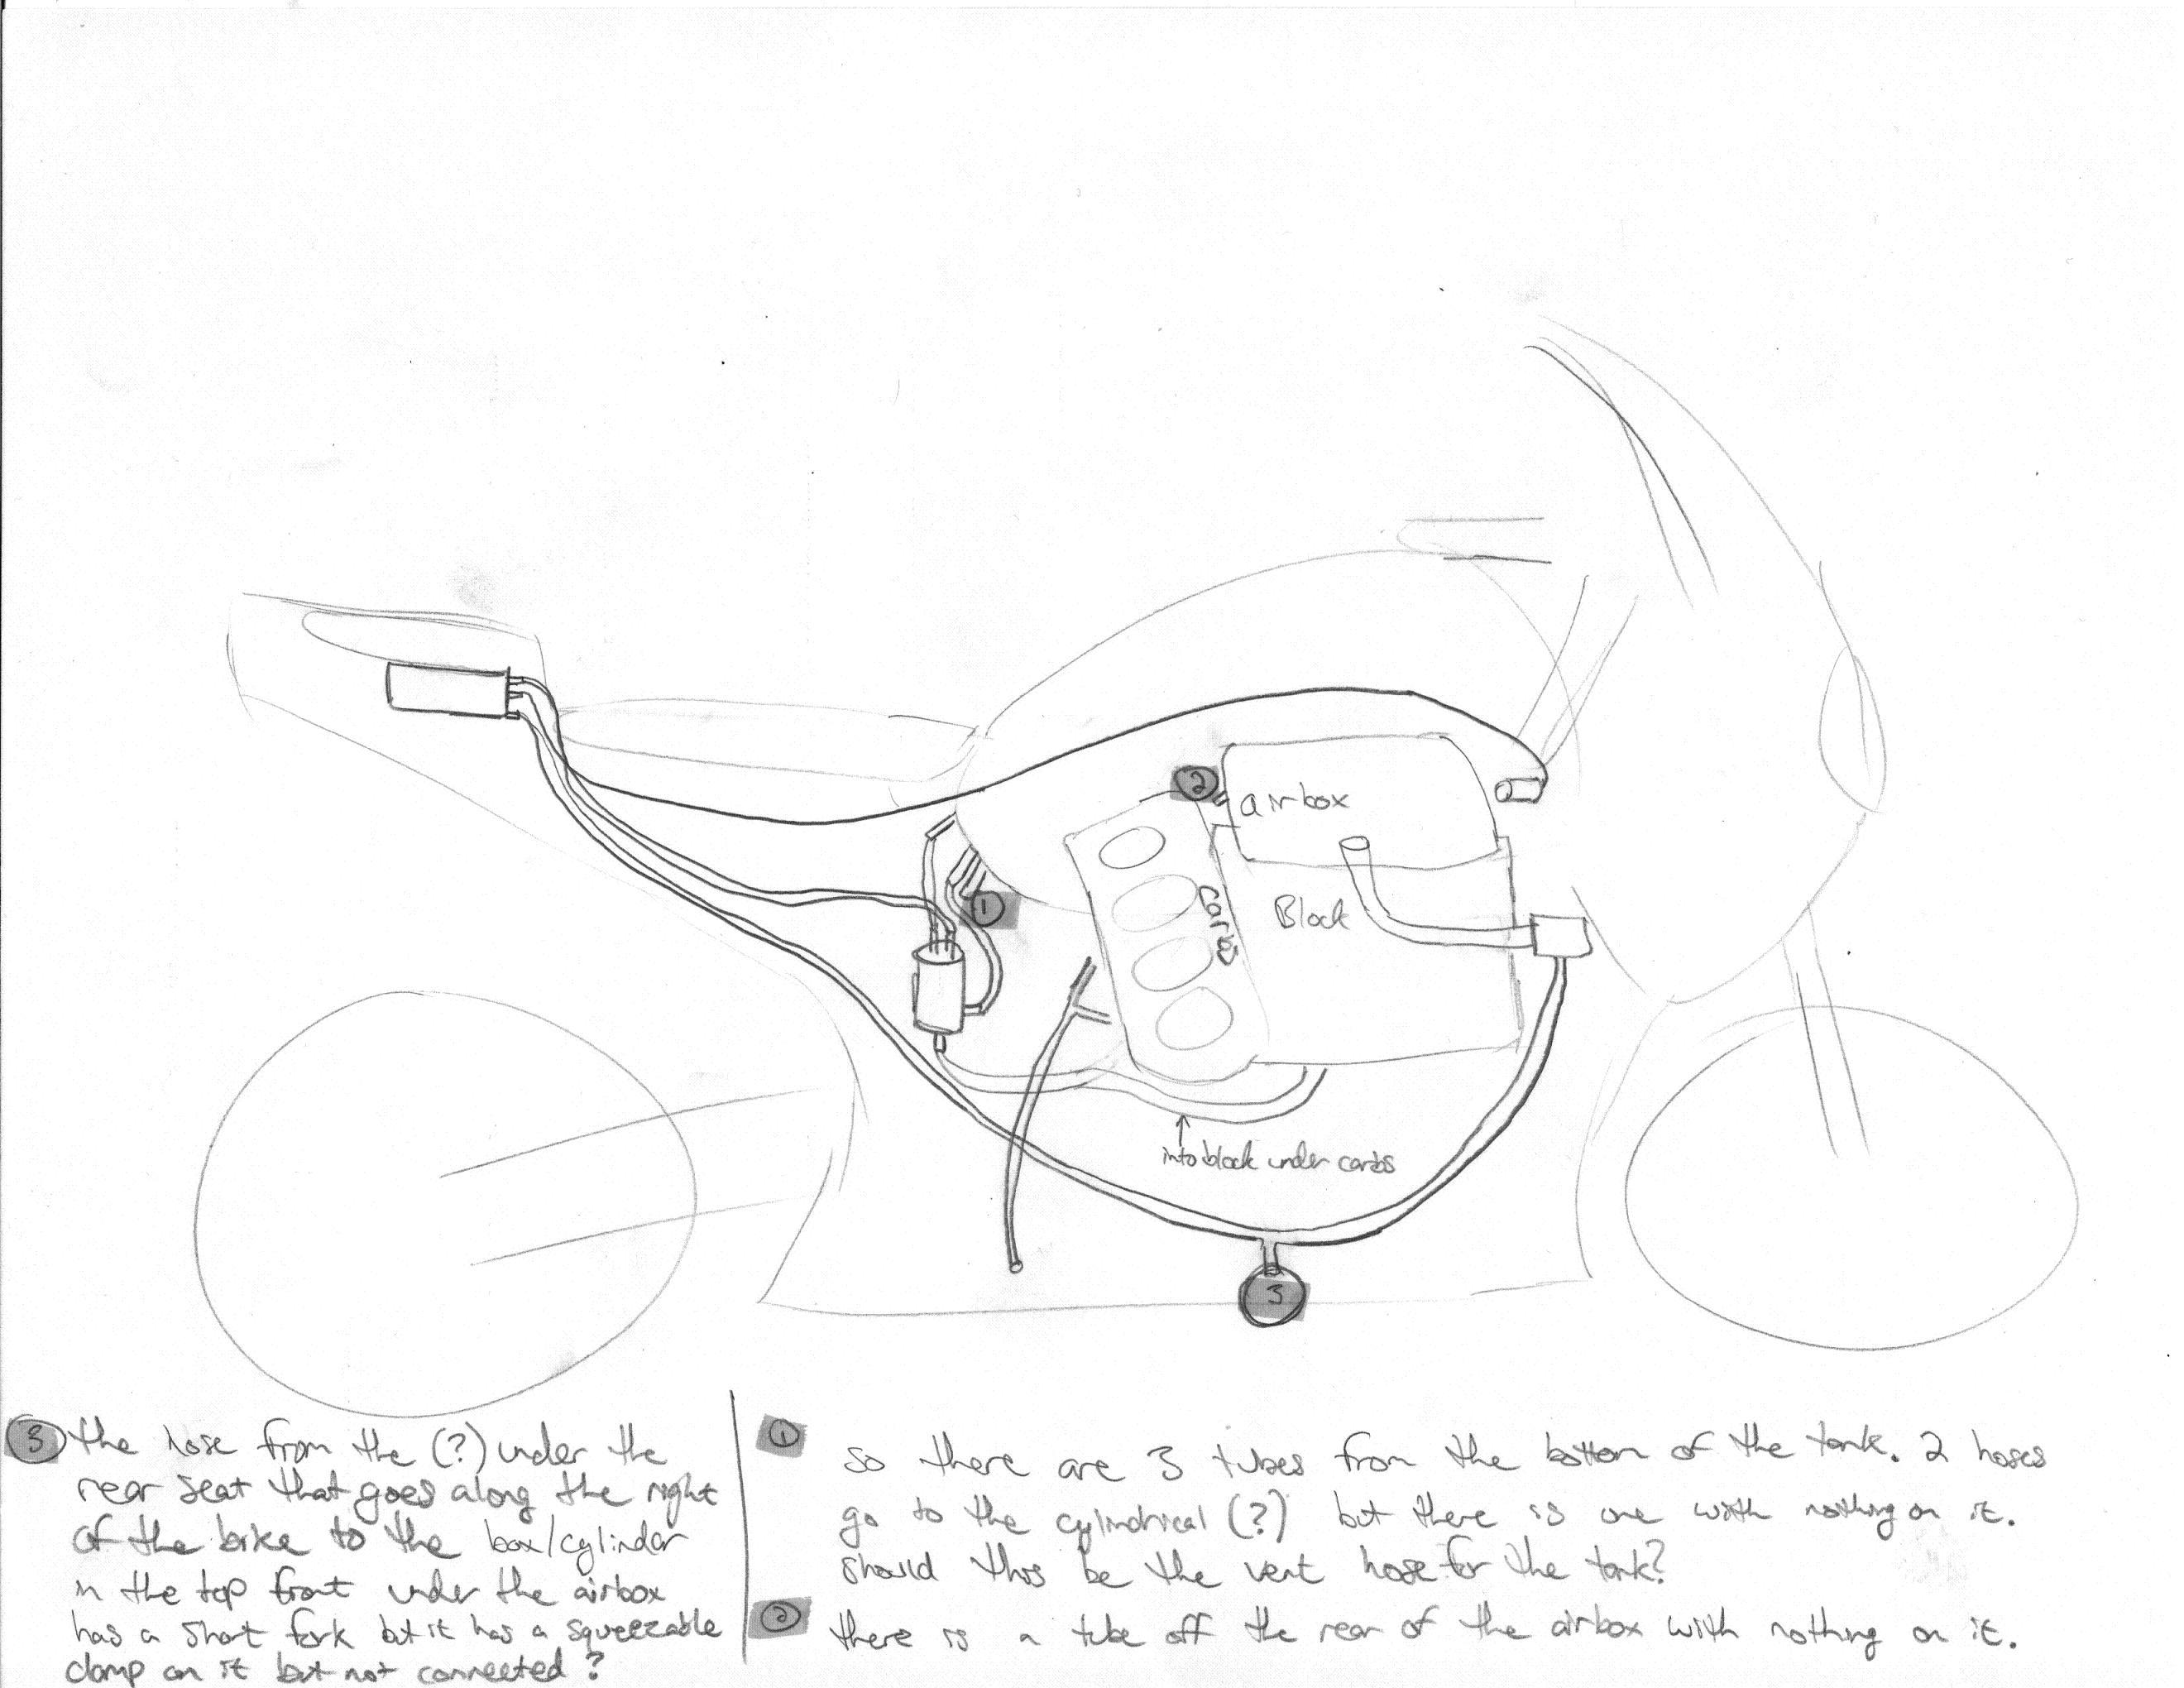 93 zx7 wiring diagram wiring diagram and schematics rh diagramschematics us 1996 ZX7 95 ZX7